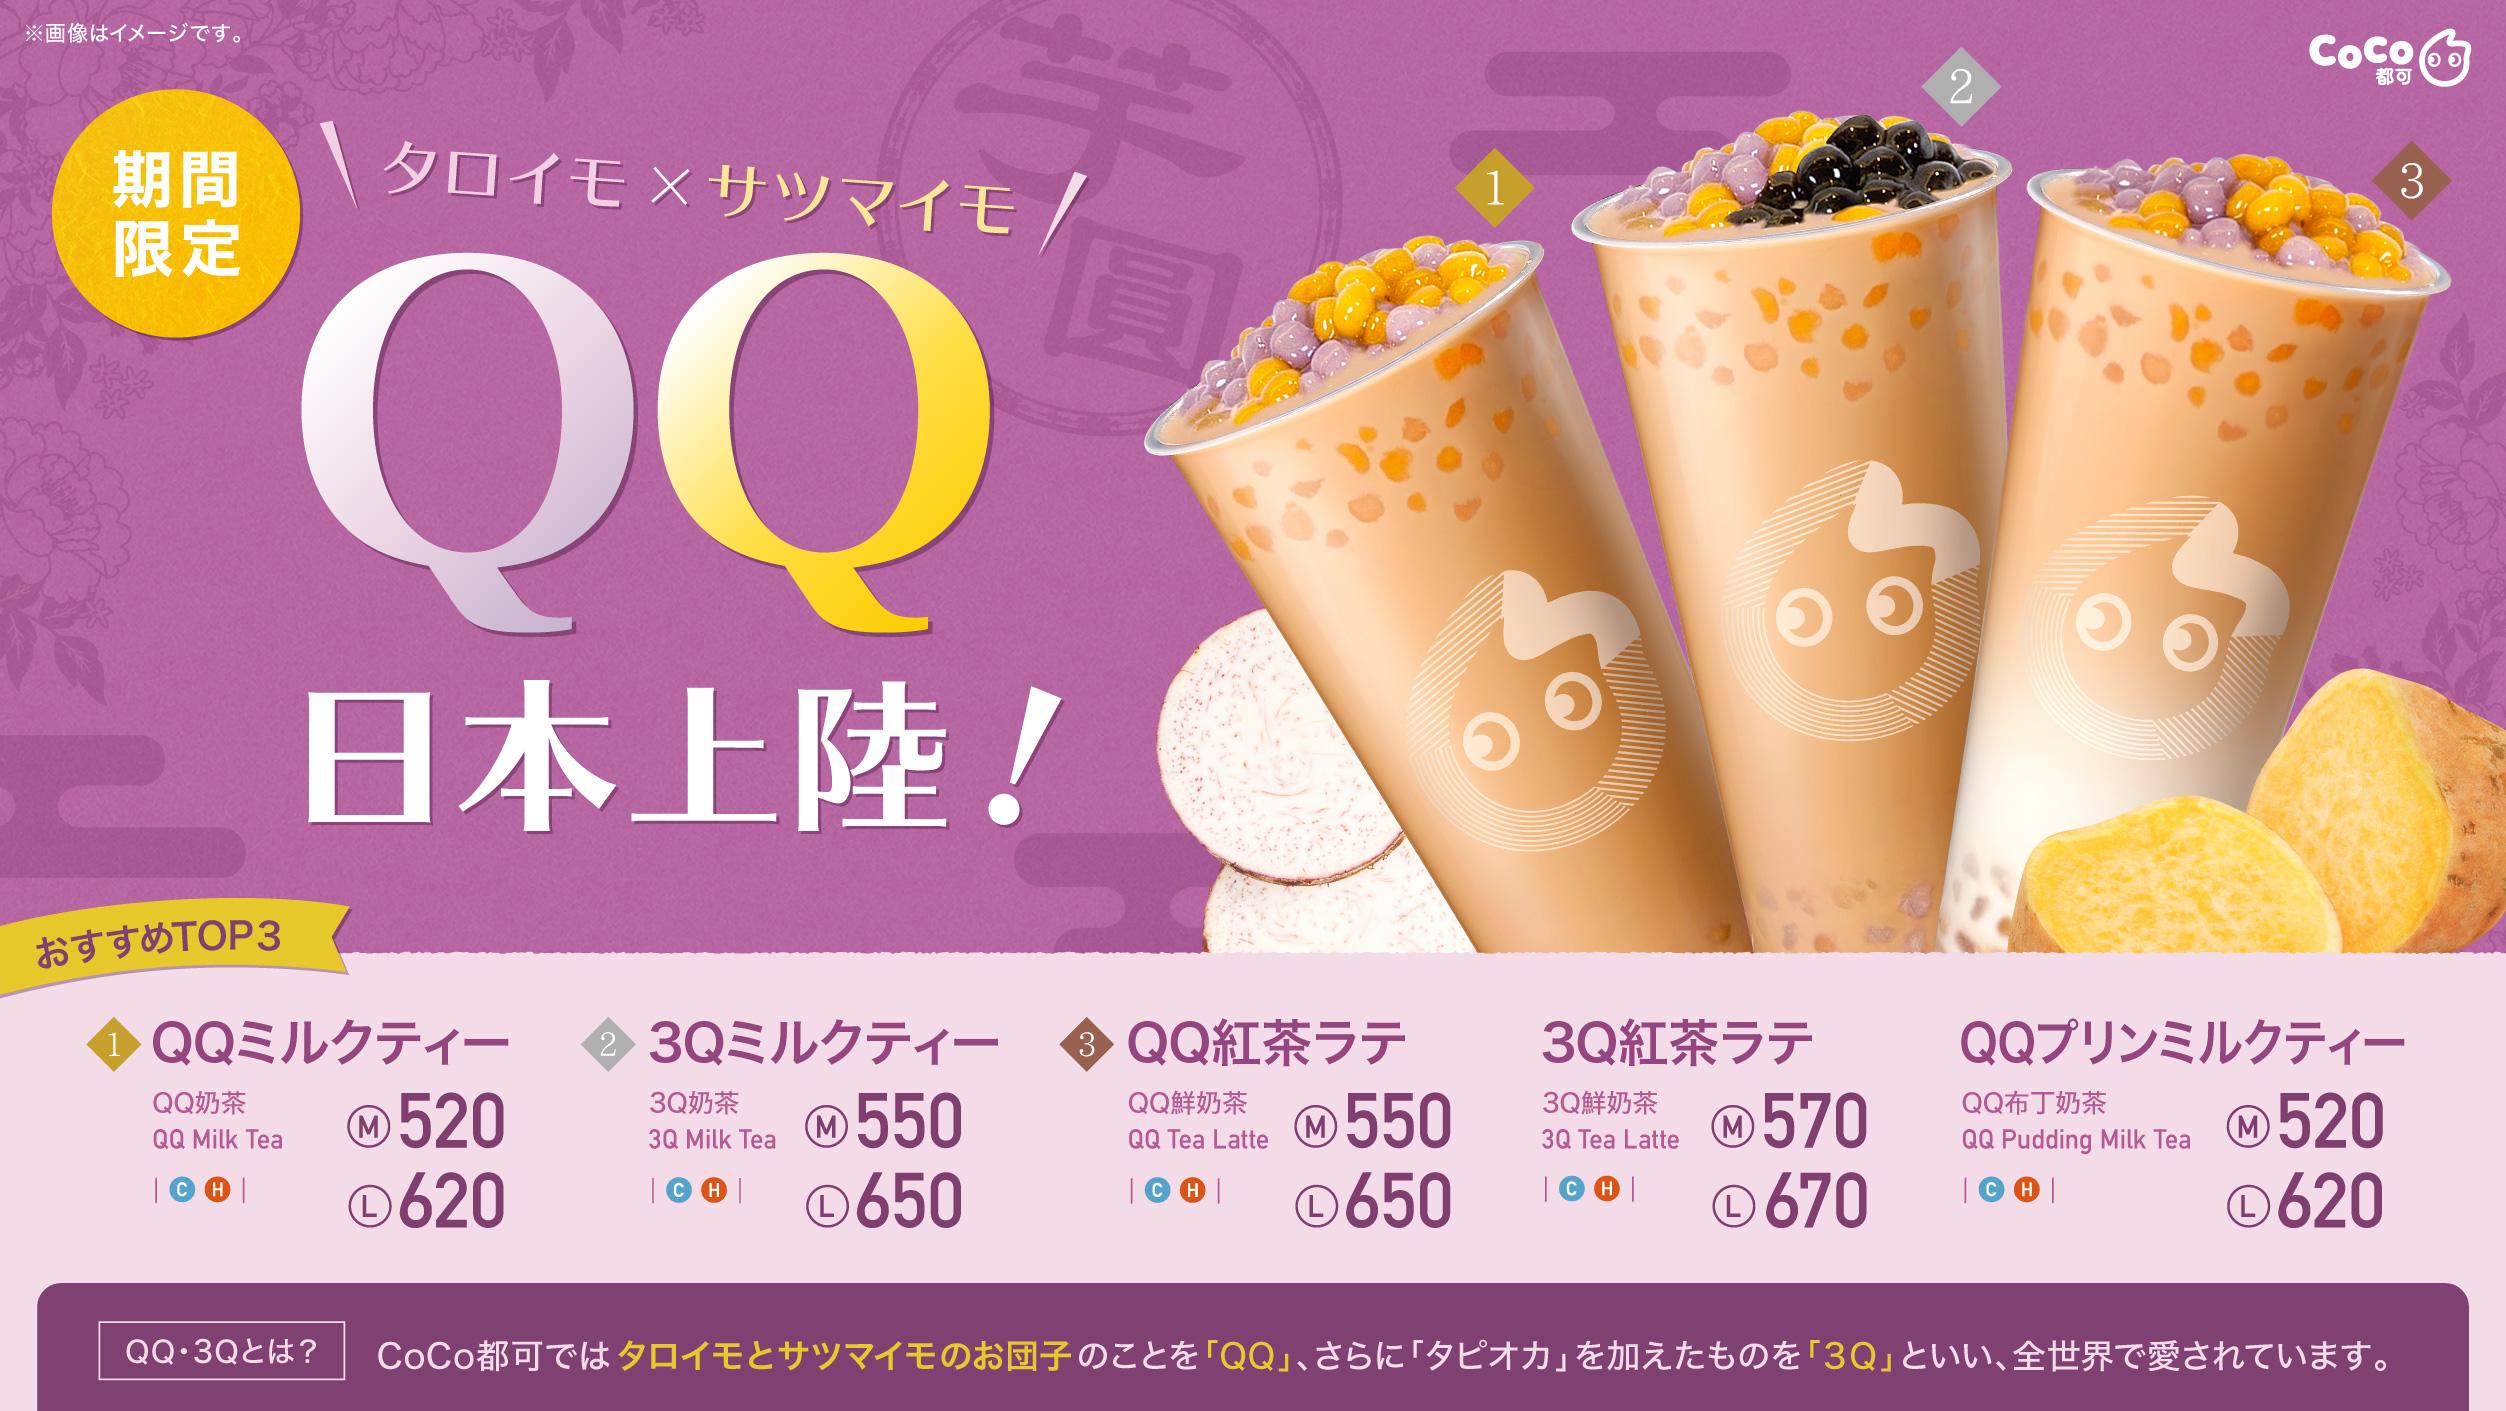 「CoCo都可(ココトカ)」にて、モチモチ食感の『QQ(芋圓)シリーズ』が9月18日(金)から期間限定発売🎉🌟